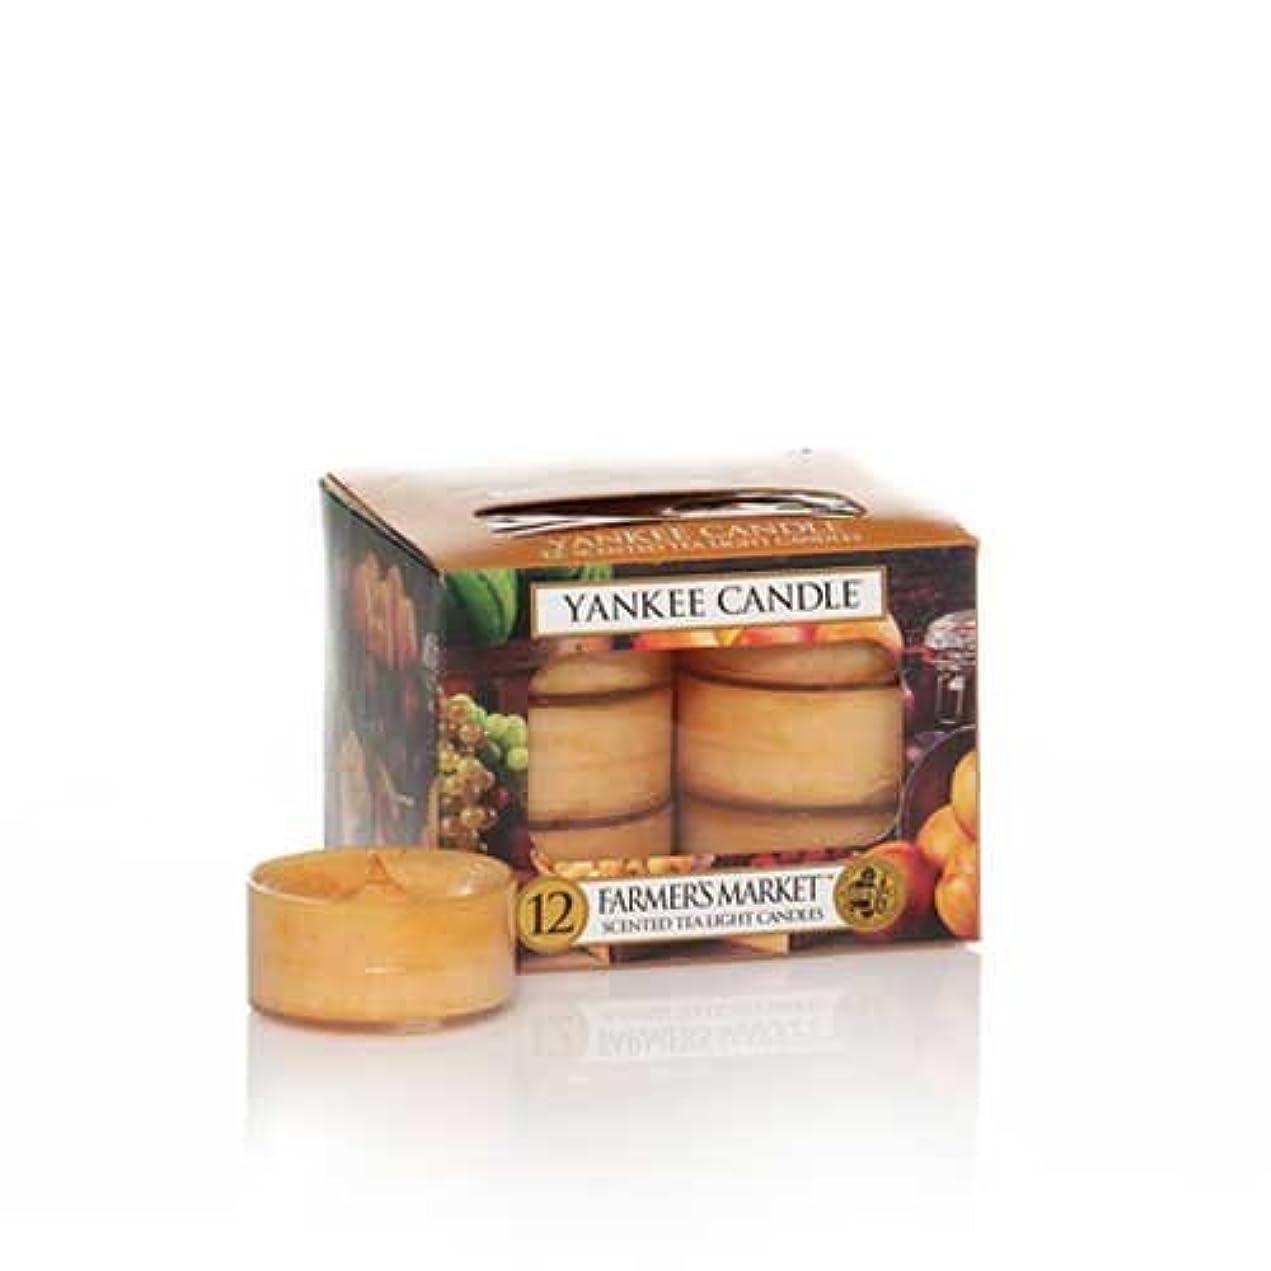 ごちそう三ピックYankee Candle Farmer 's Market, Food & Spice香り Tea Light Candles オレンジ 1163587-YC